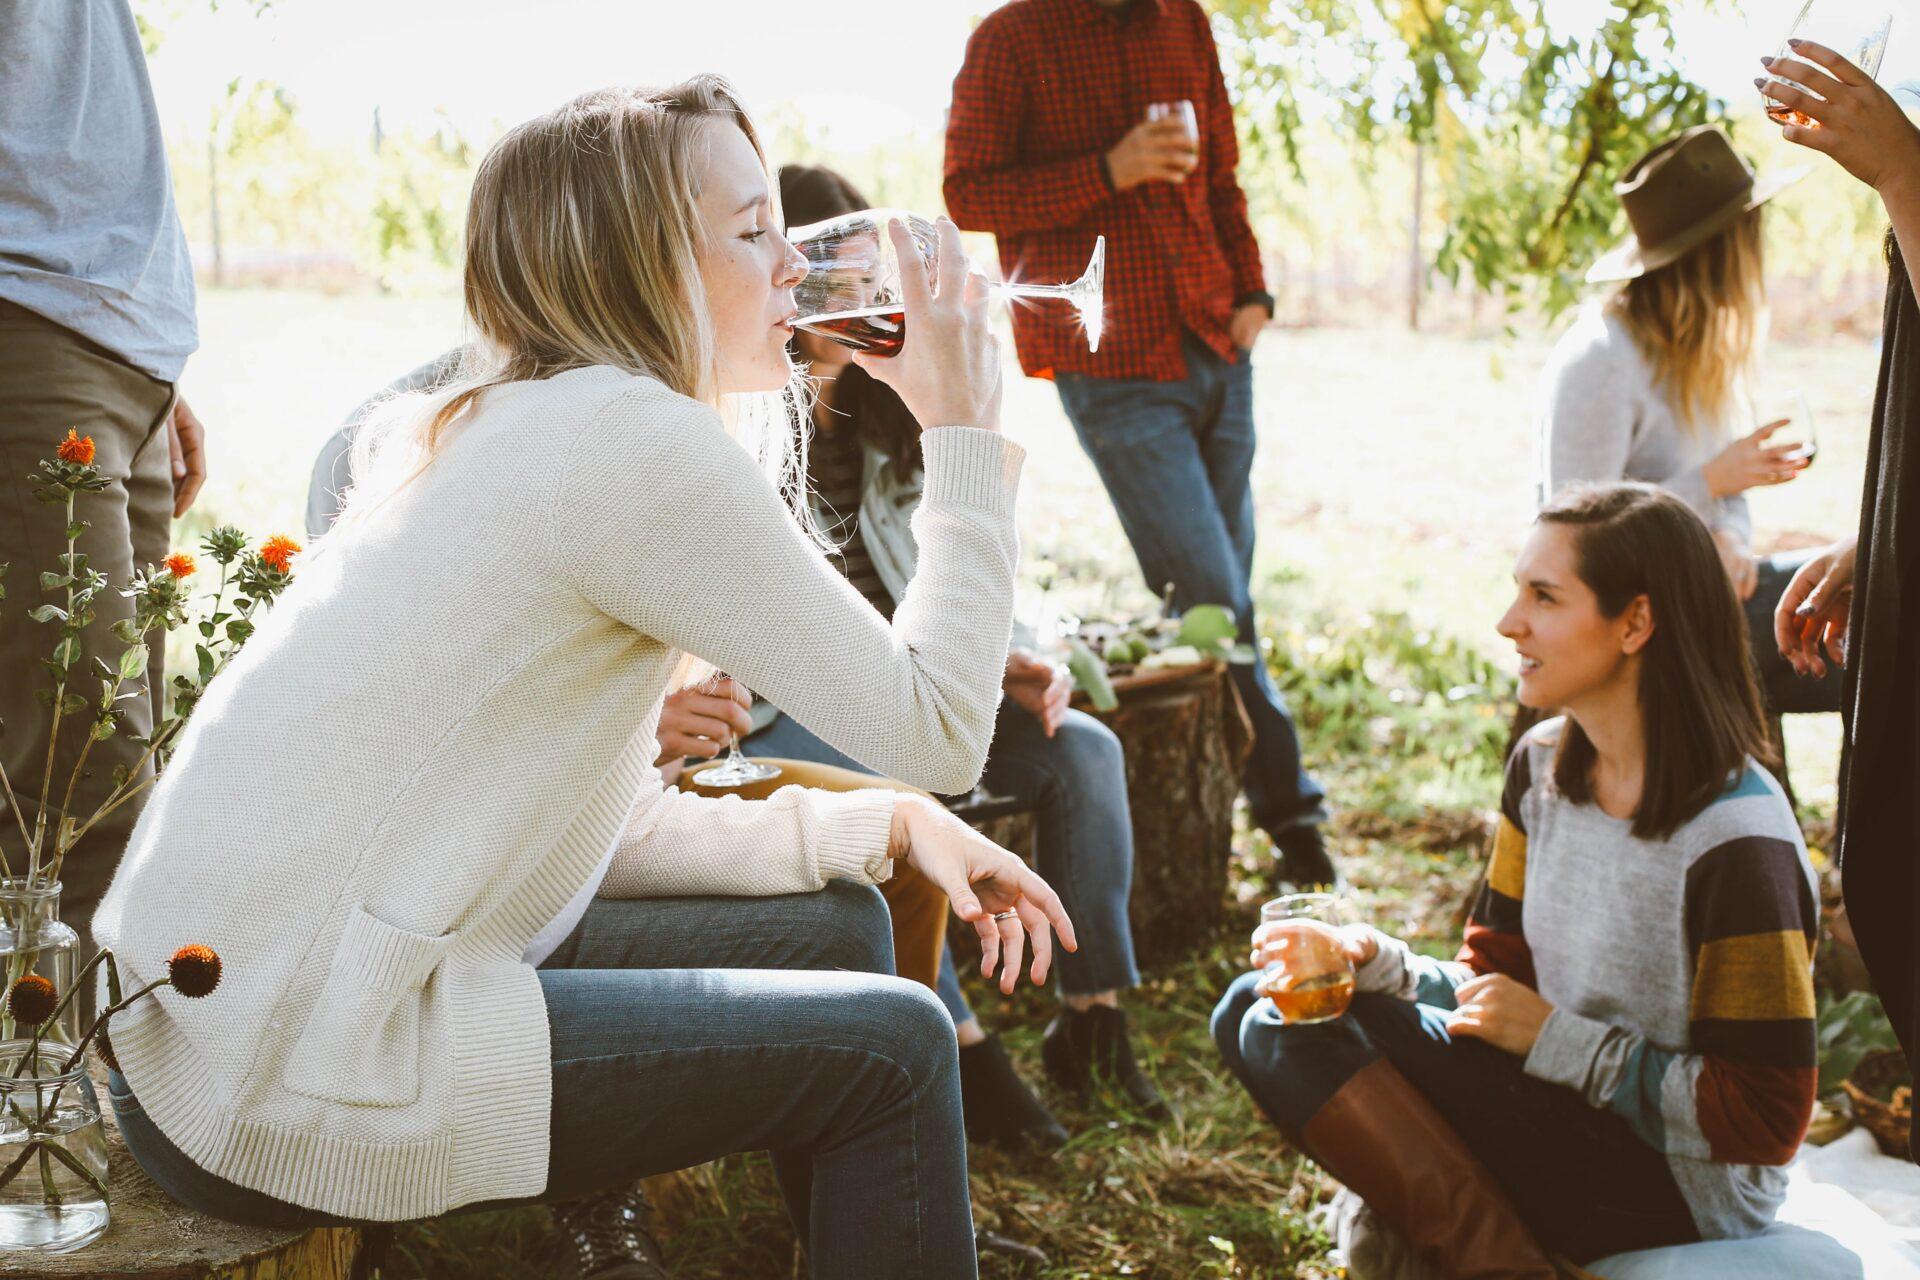 alkohol-misbrug-alkoholmisbrug-misbrugsbehandling-psykolog-psykiatri